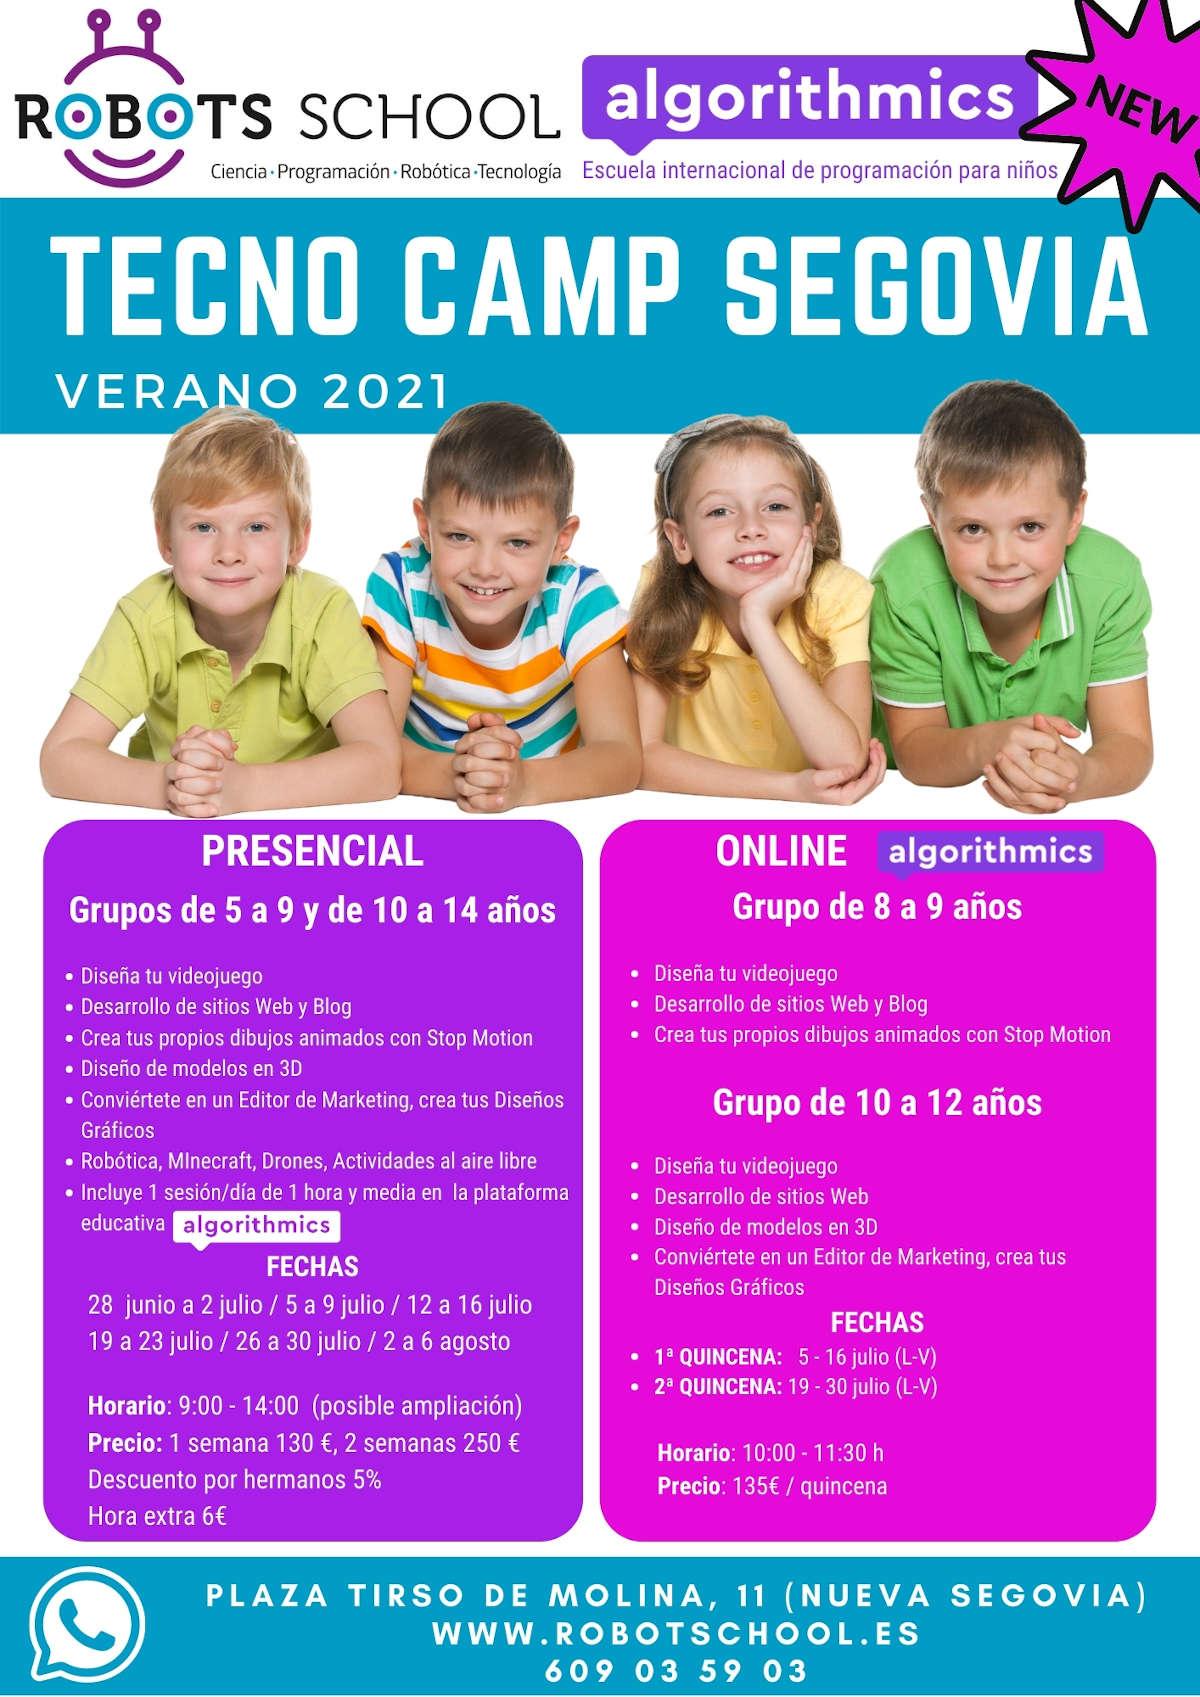 Cartel_campamento_verano_Algorithmics_2021